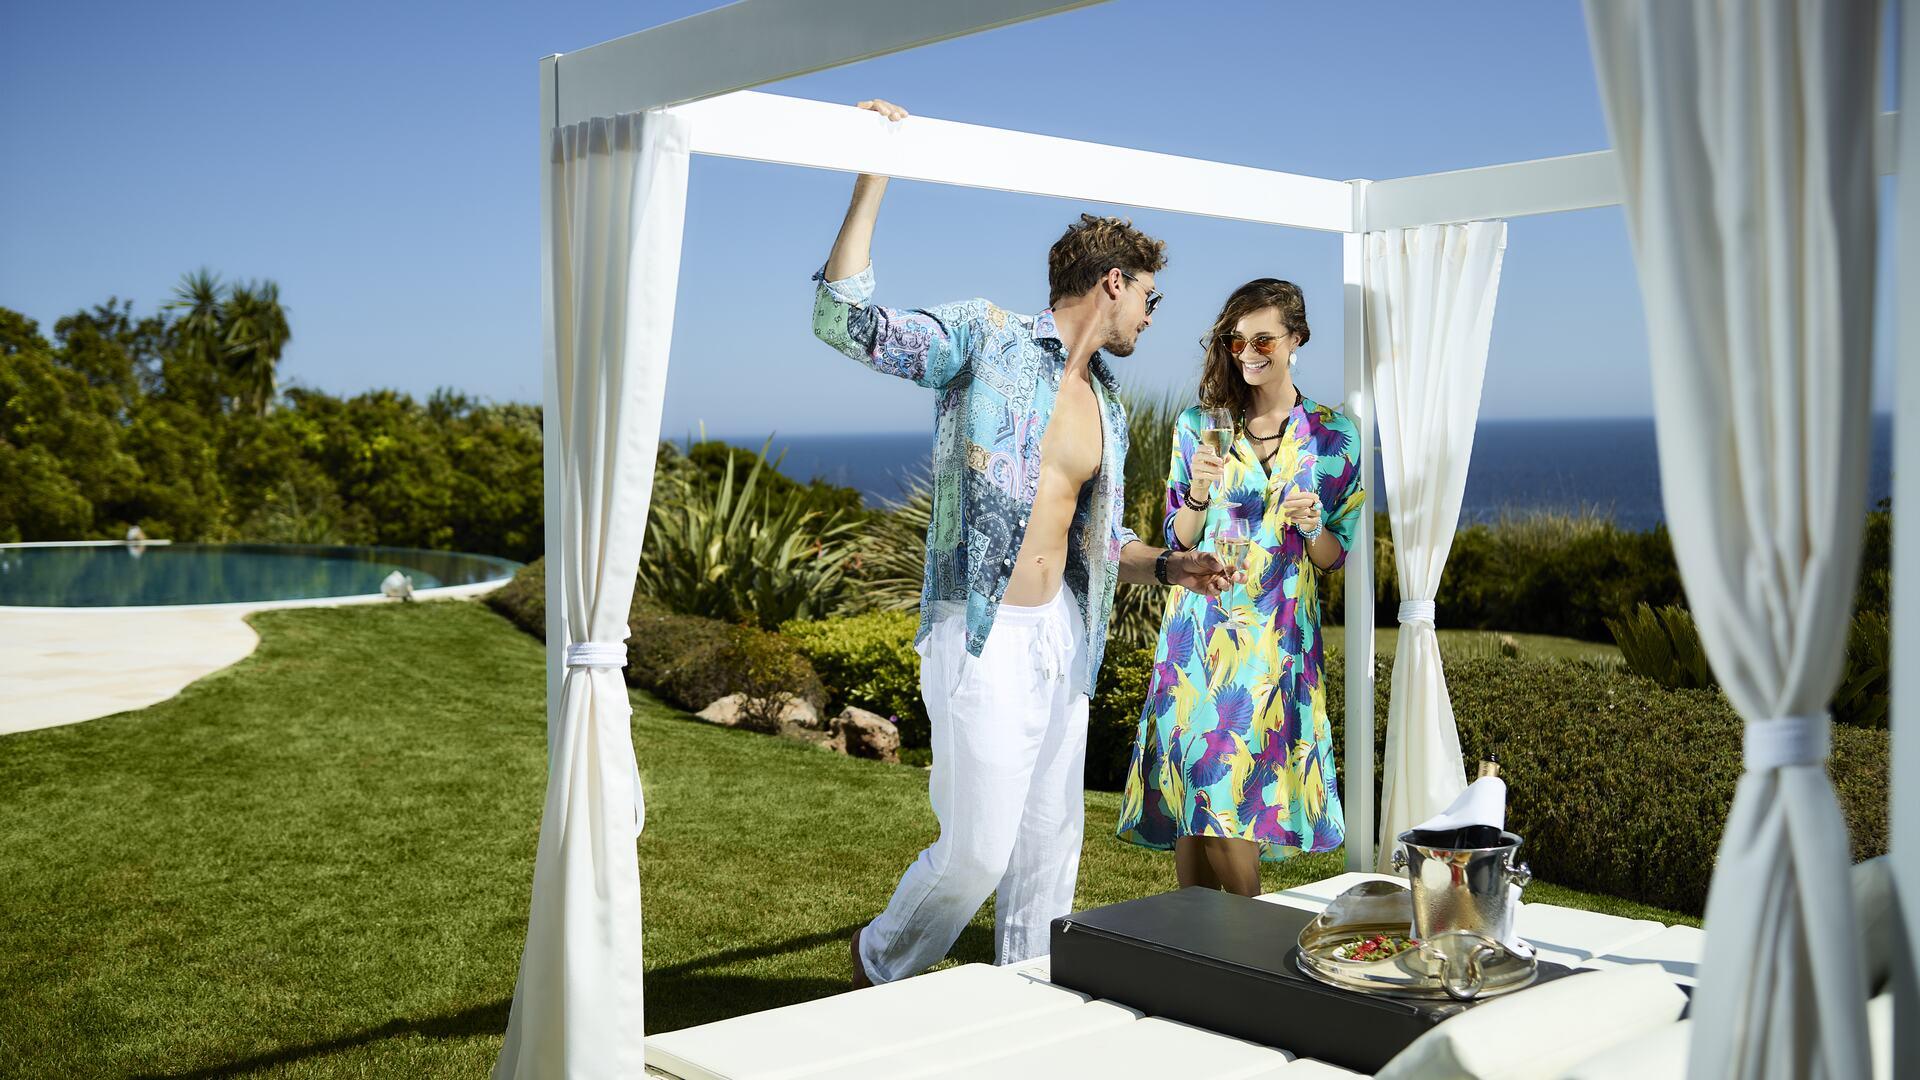 V-Life Fashion Shoot: Couple by pool.